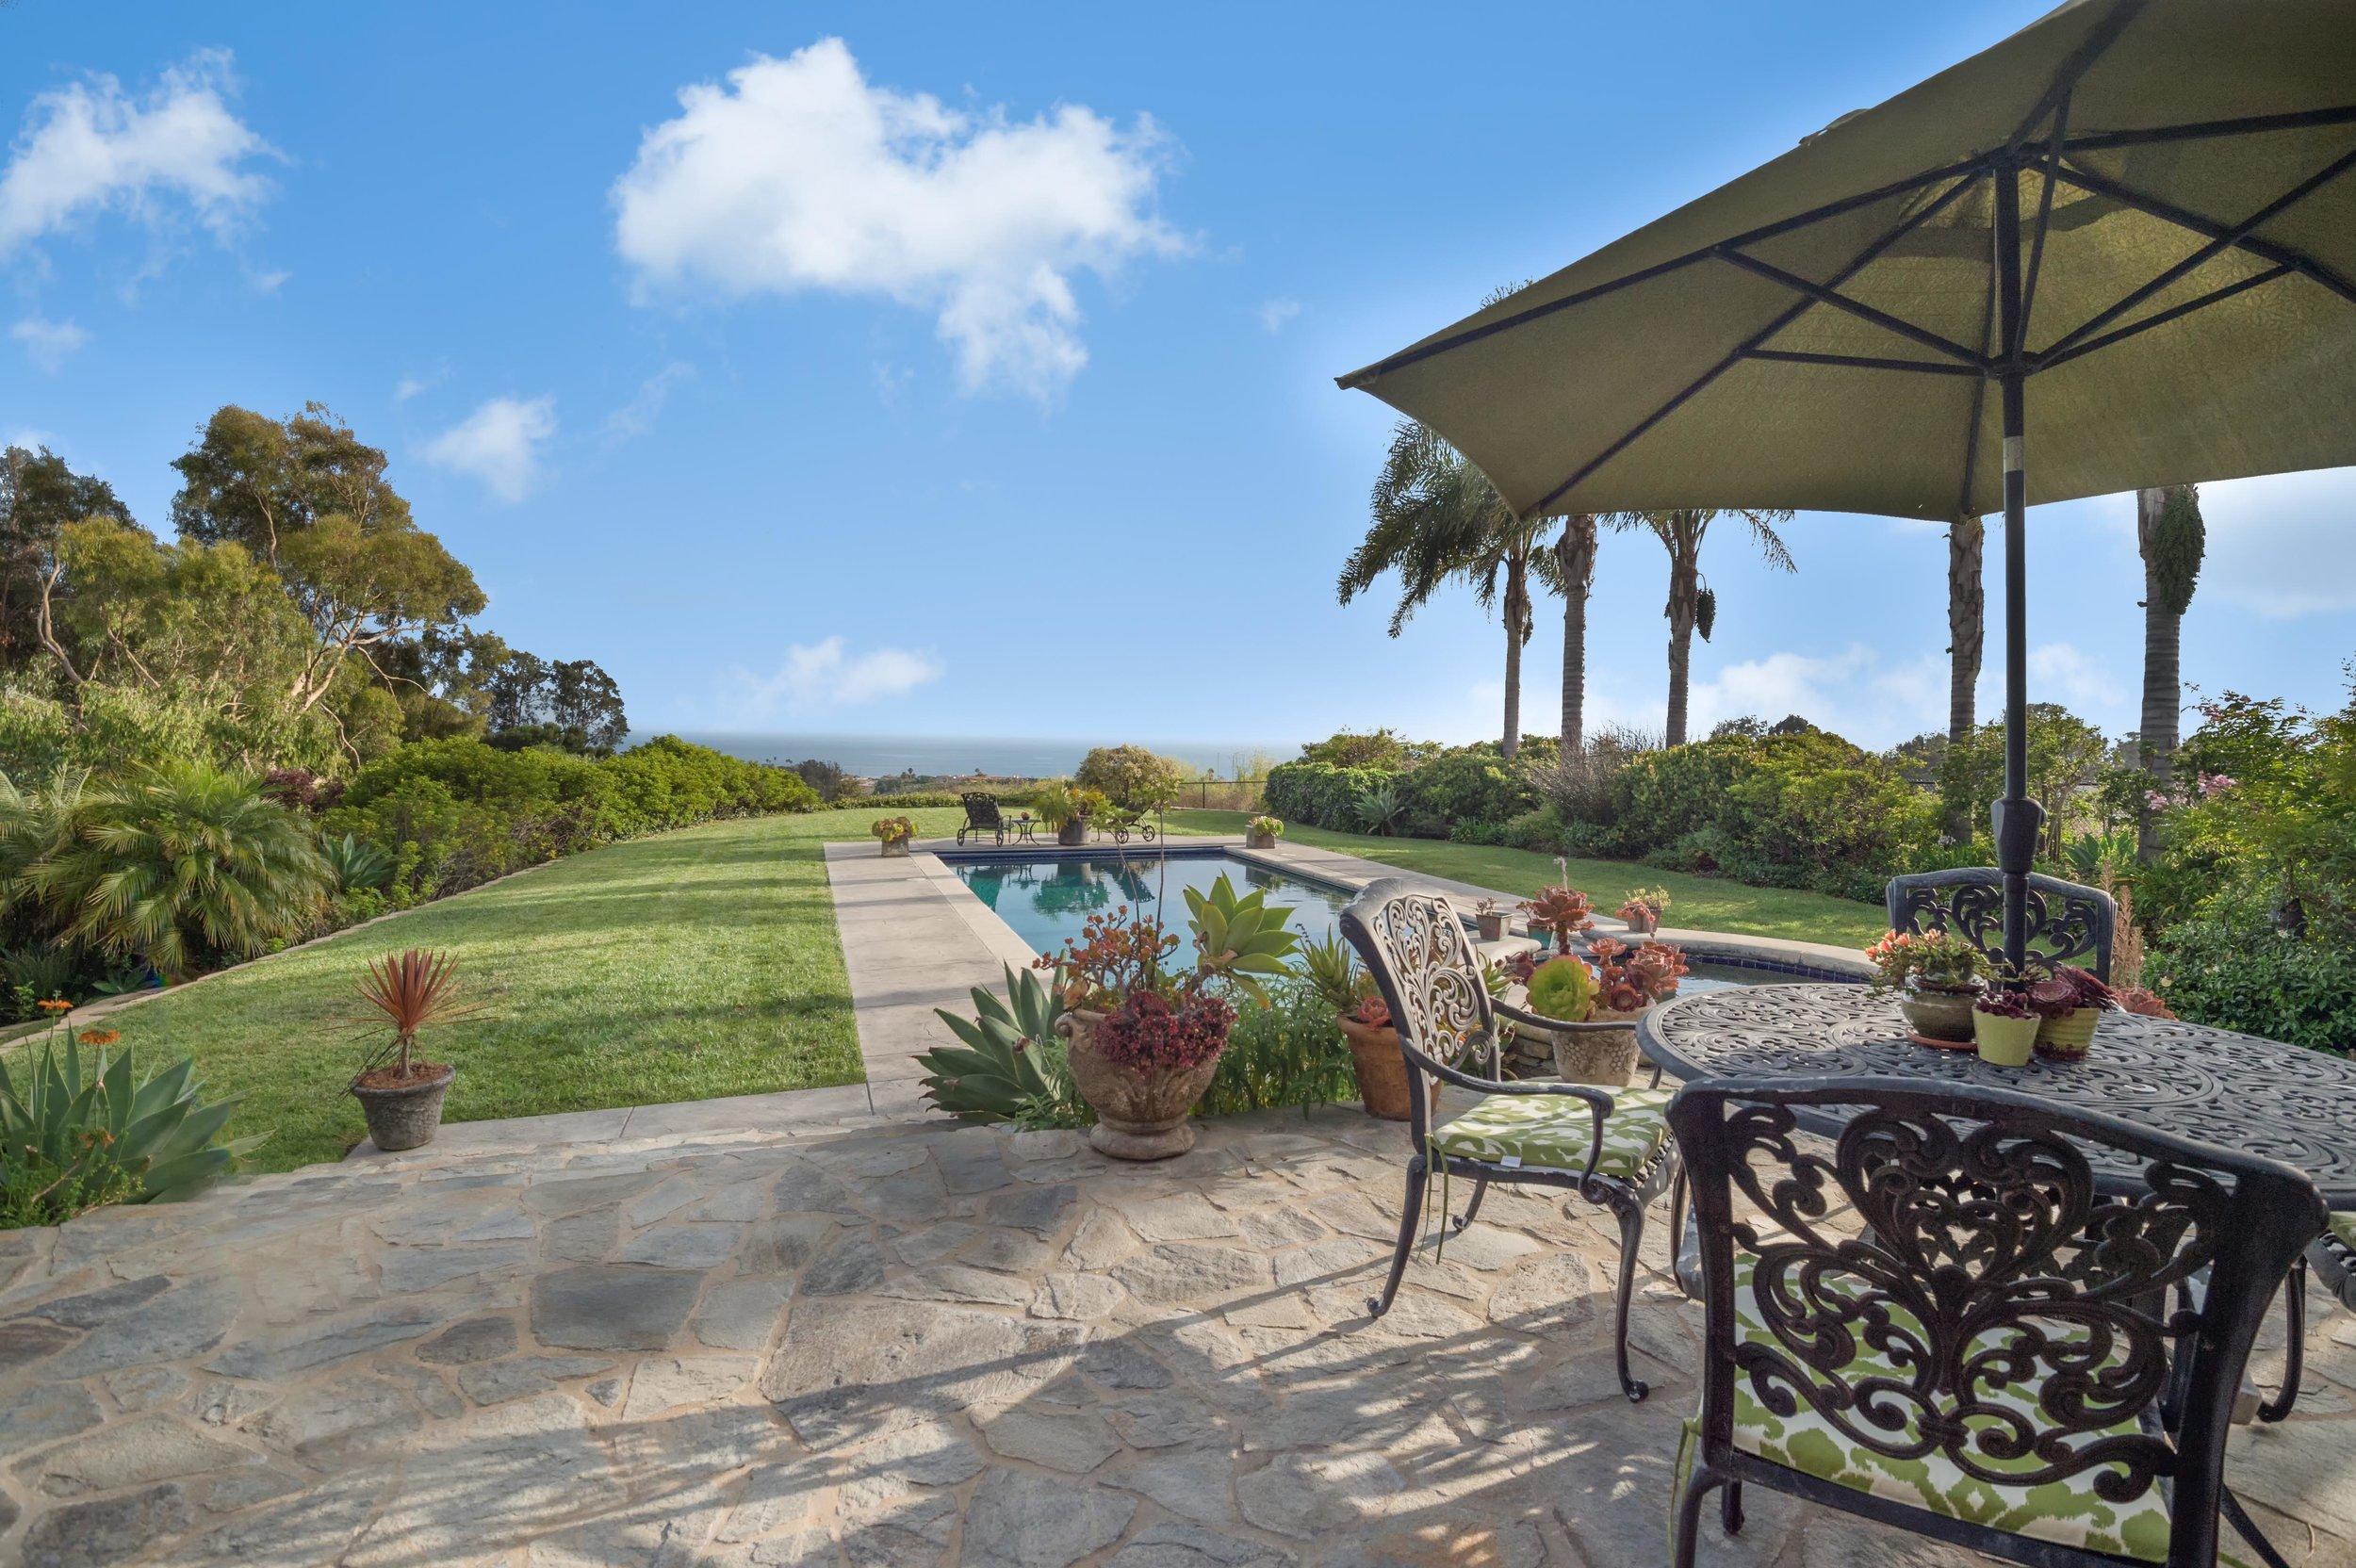 016 pool 29660 Harvester Road Malibu For Sale The Malibu Life Team Luxury Real Estate.jpg